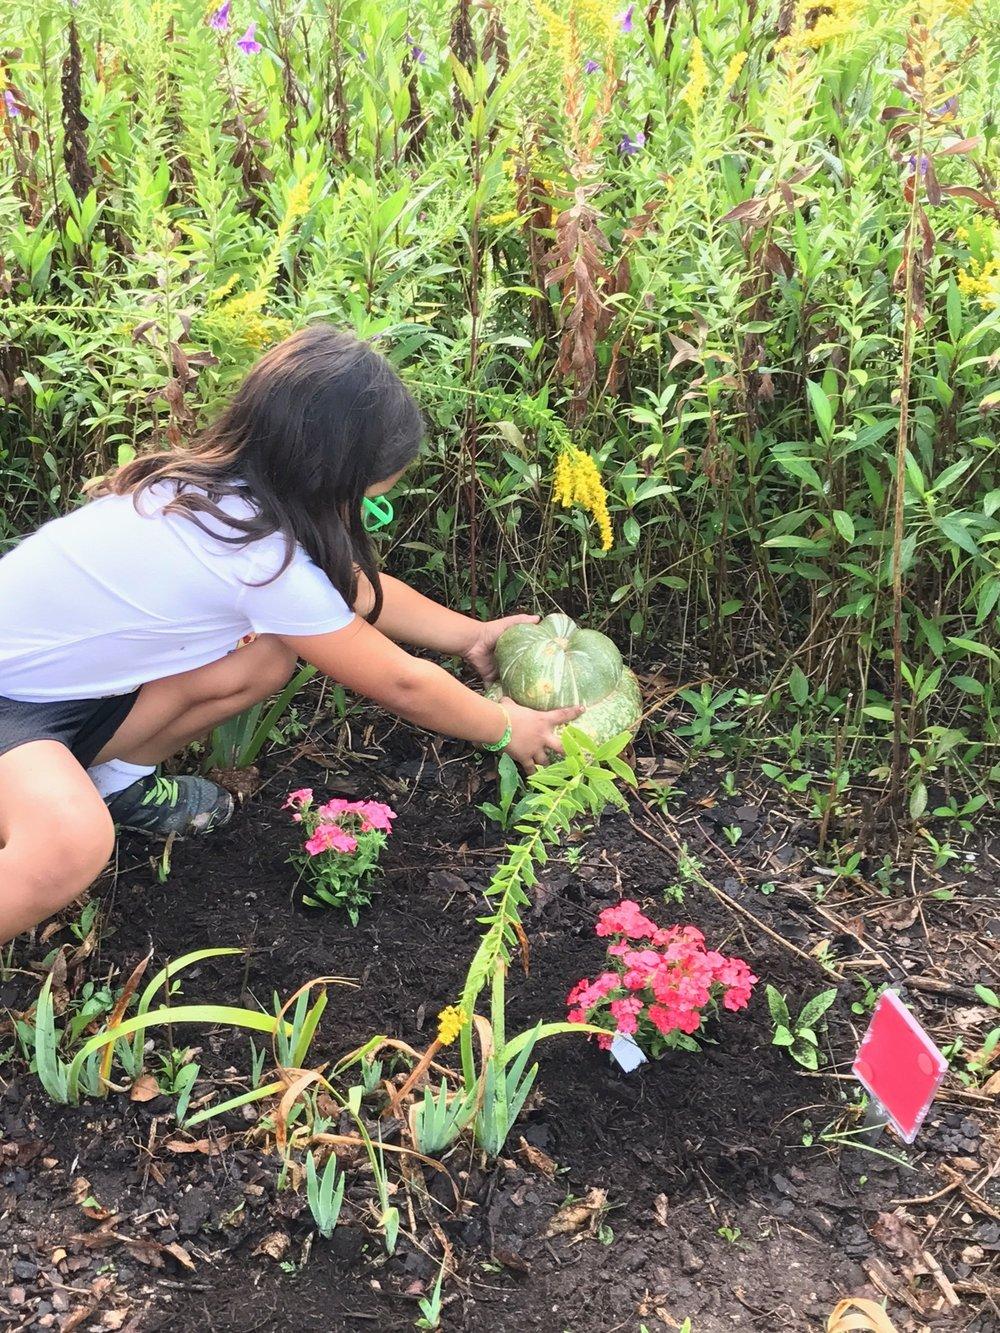 Placing the Pumpkins